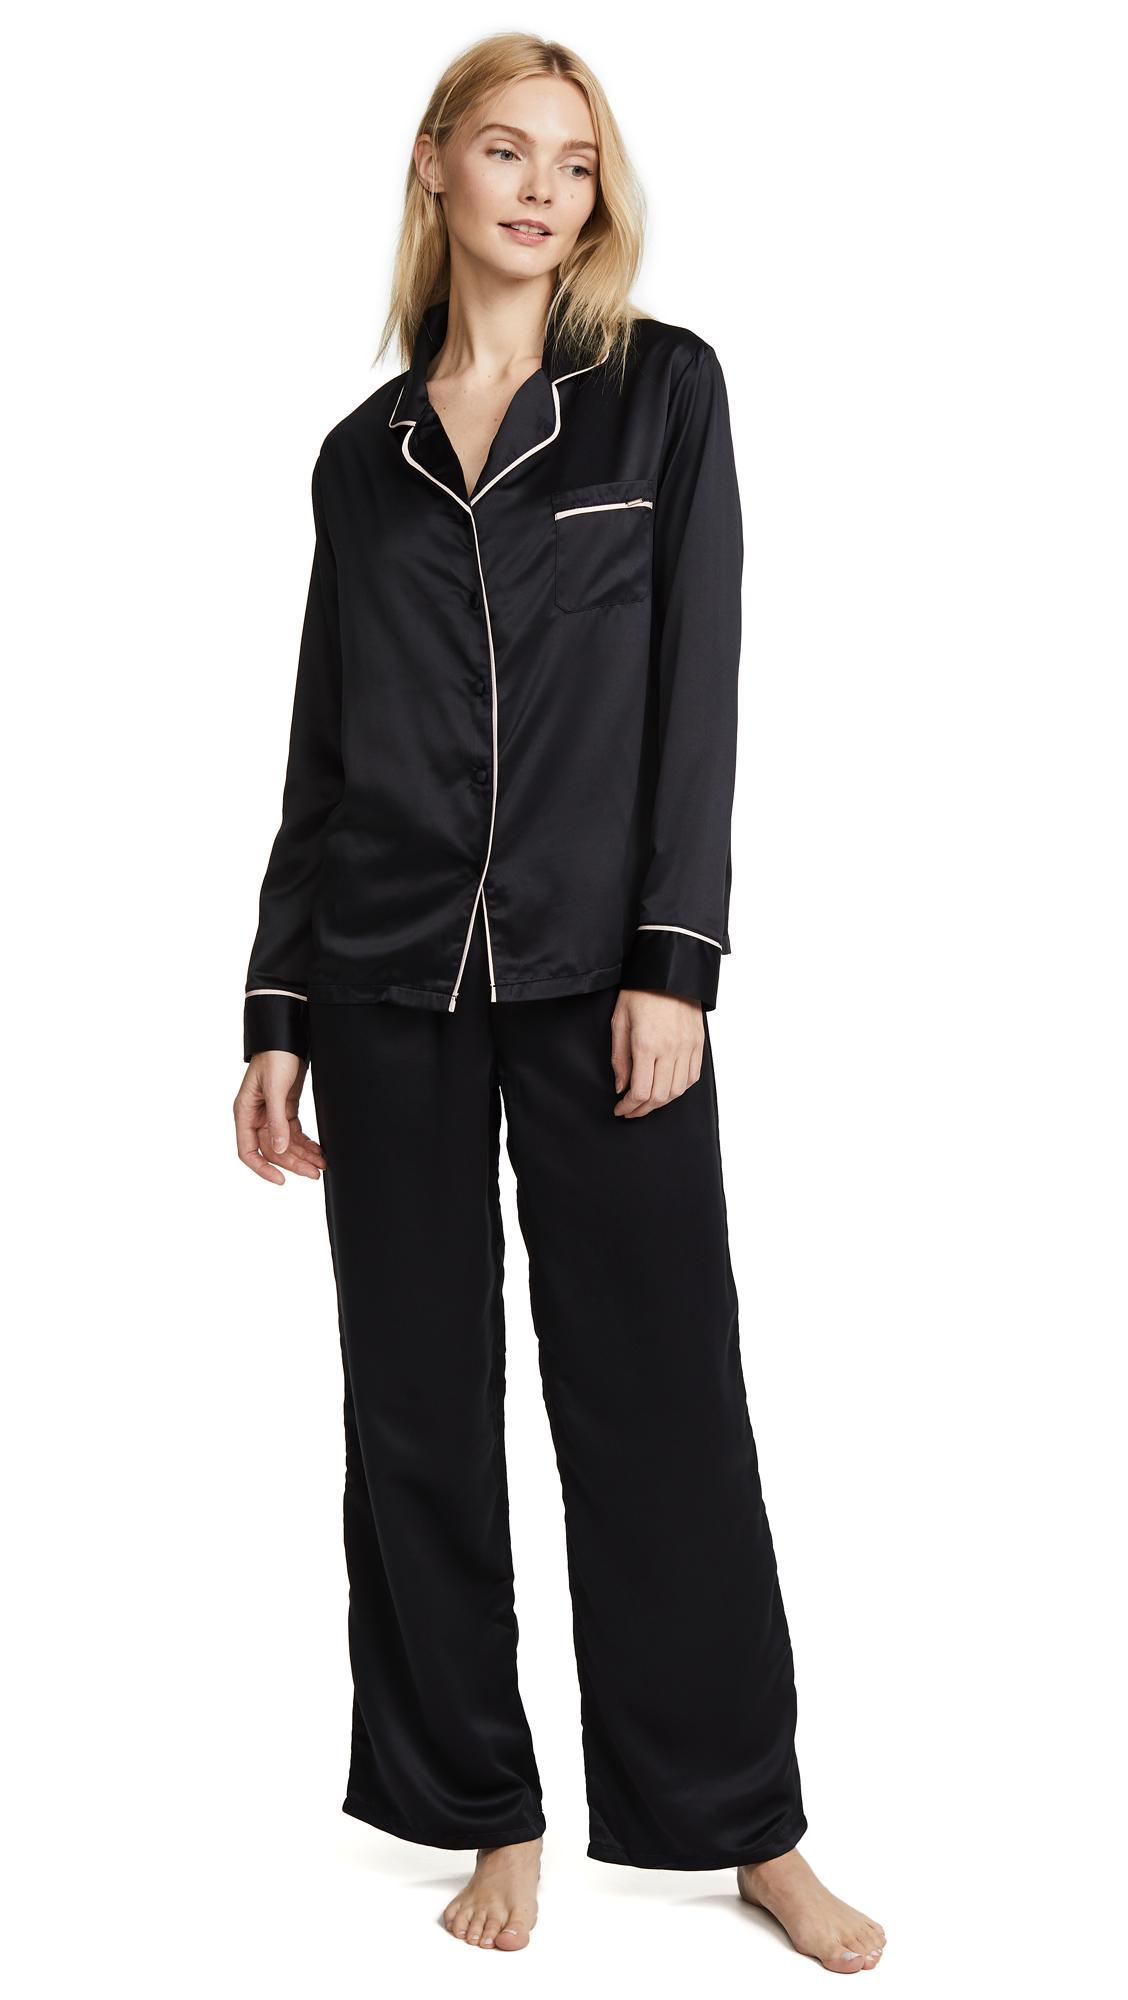 Bluebella Claudia Shirt and Pant Set